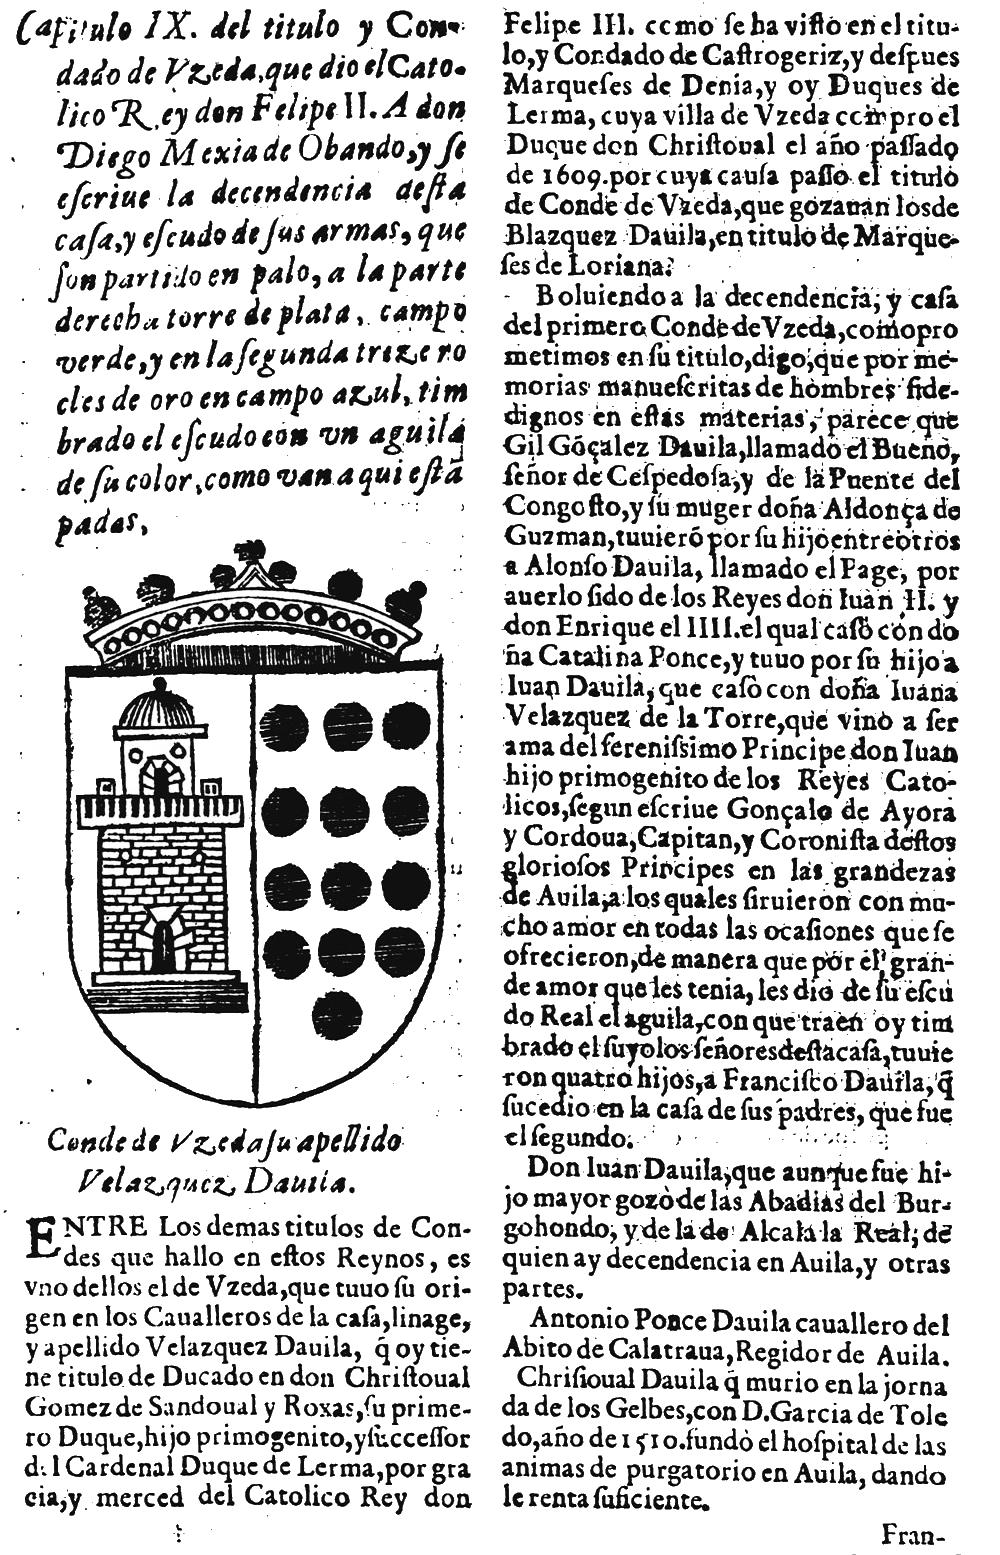 Condes de Uceda - Pagina 1